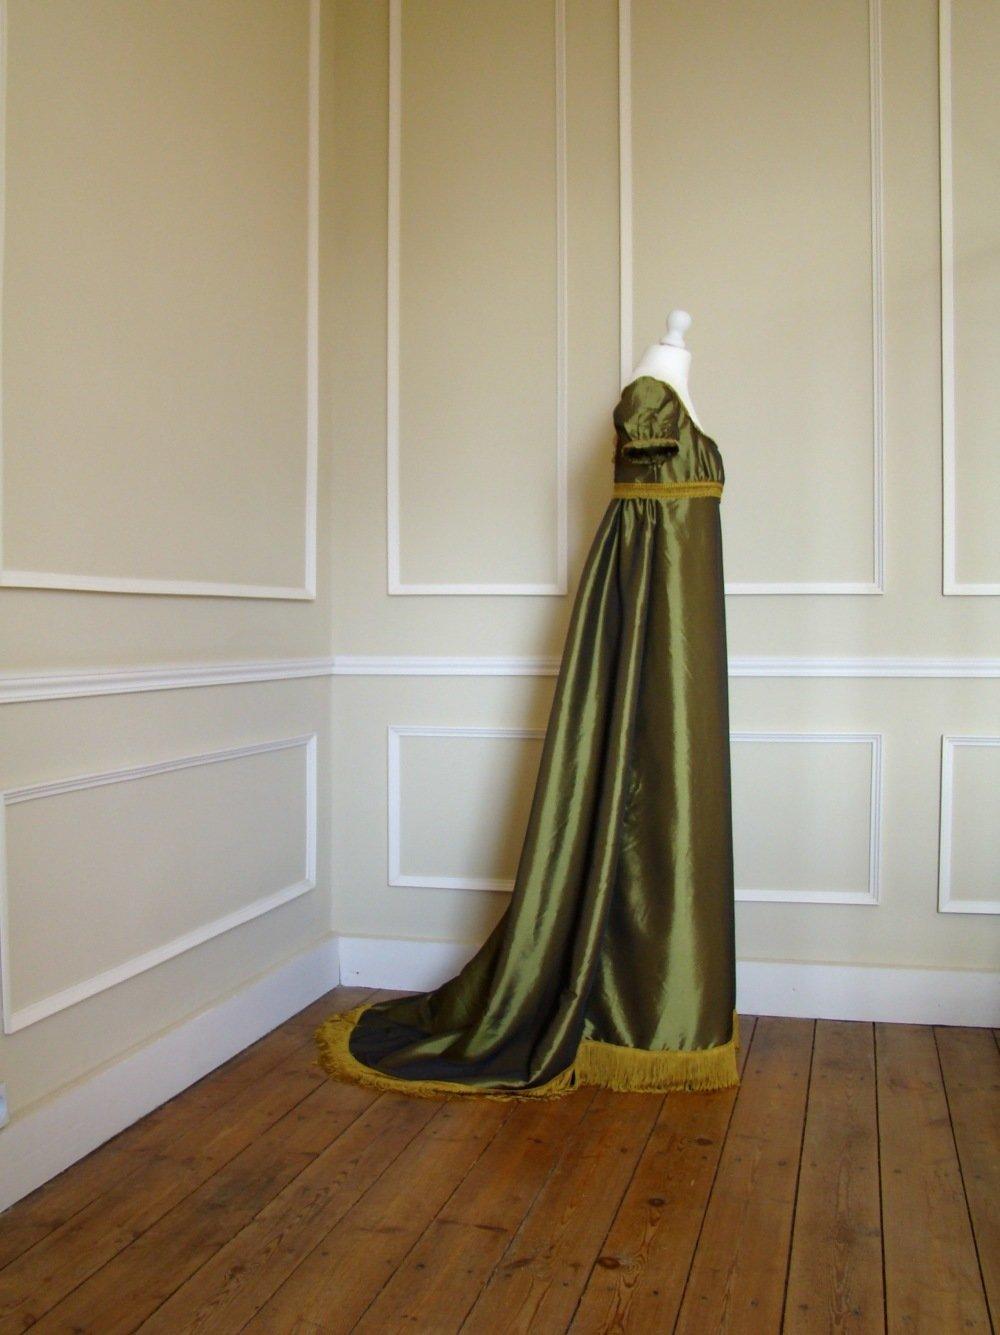 Robe de bal 1er Empire femme en taffetas vert et or